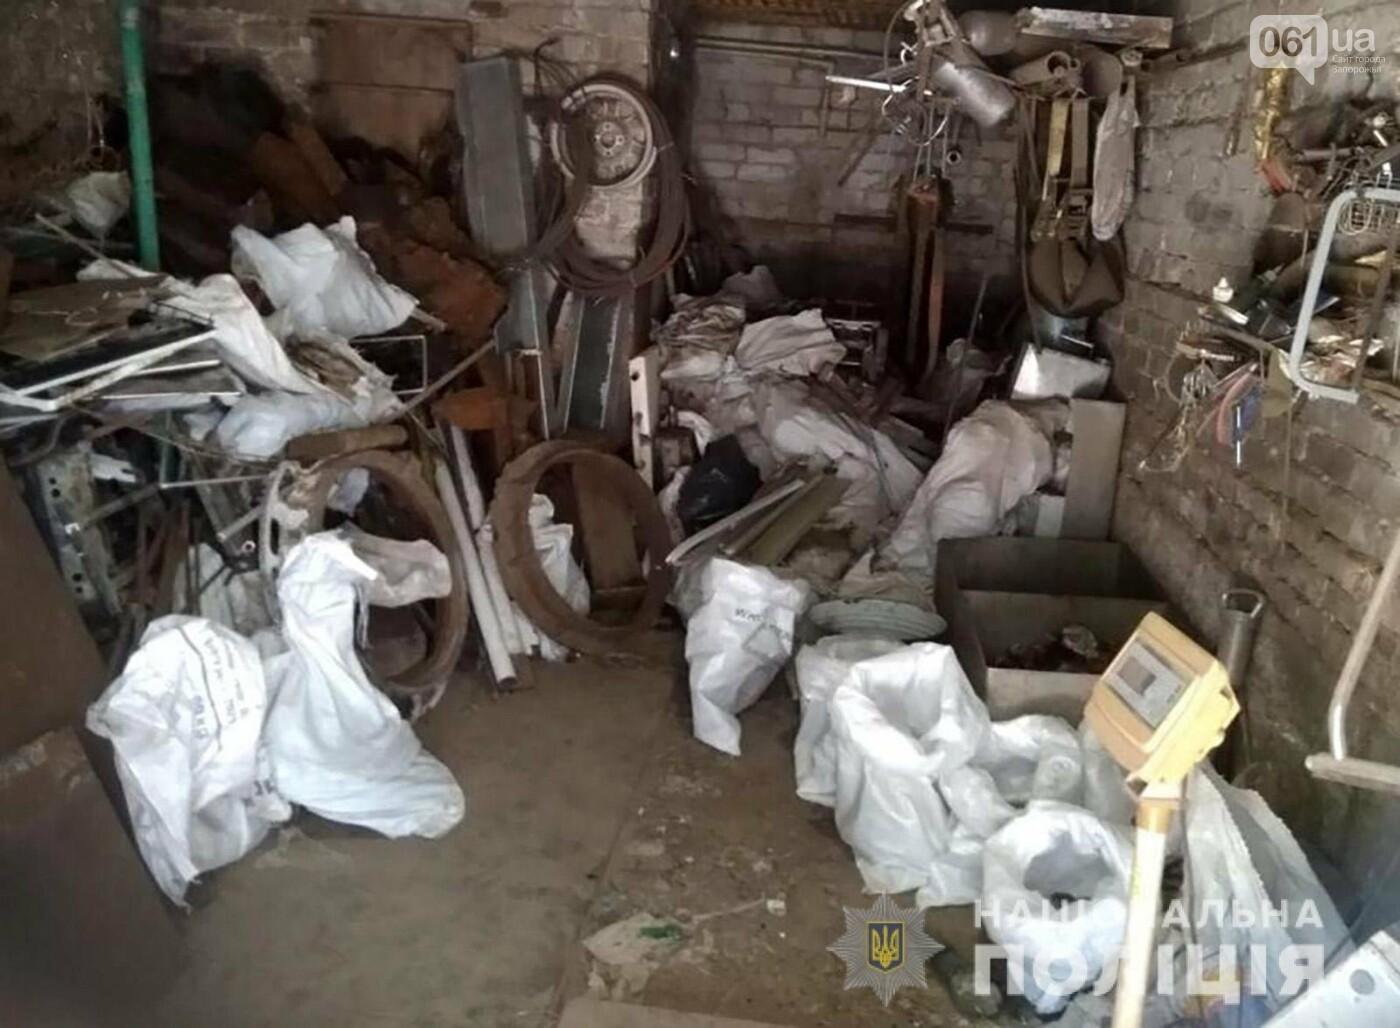 Полиция разоблачила запорожца, который незаконно занимался приемом металлолома и производством алкоголя, – ФОТО, фото-1